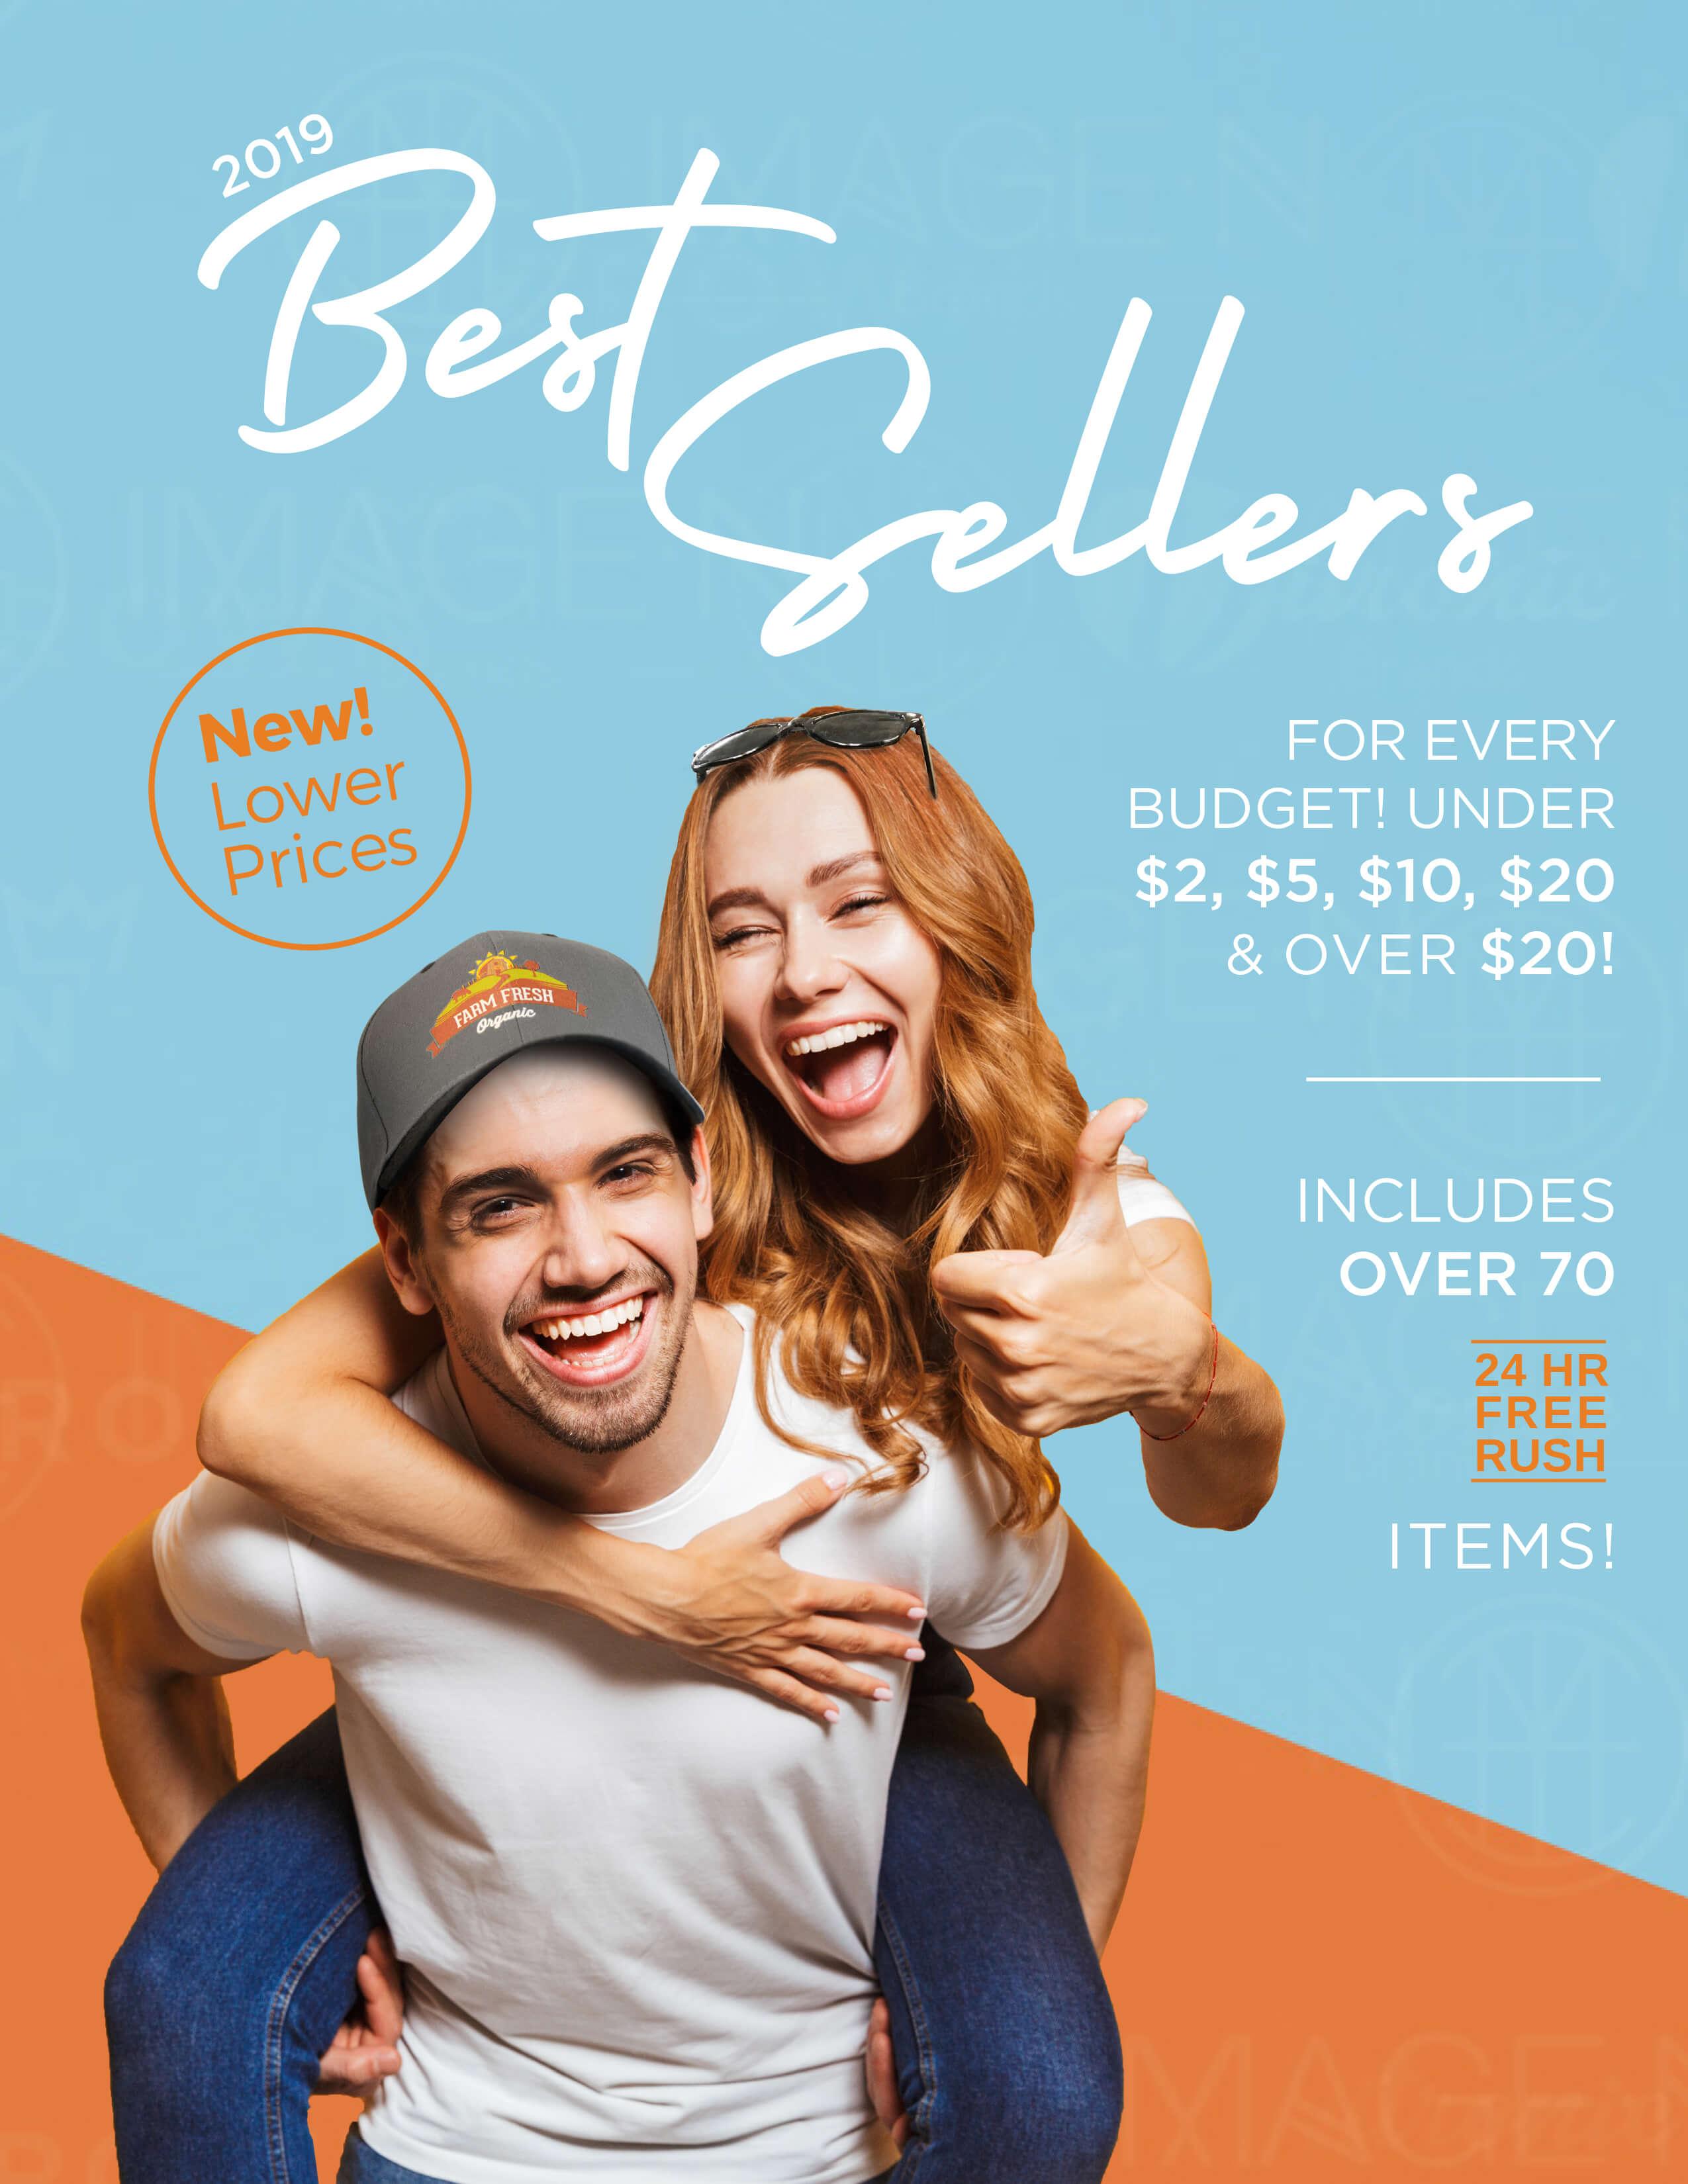 2019 IMAGEN Best Sellers